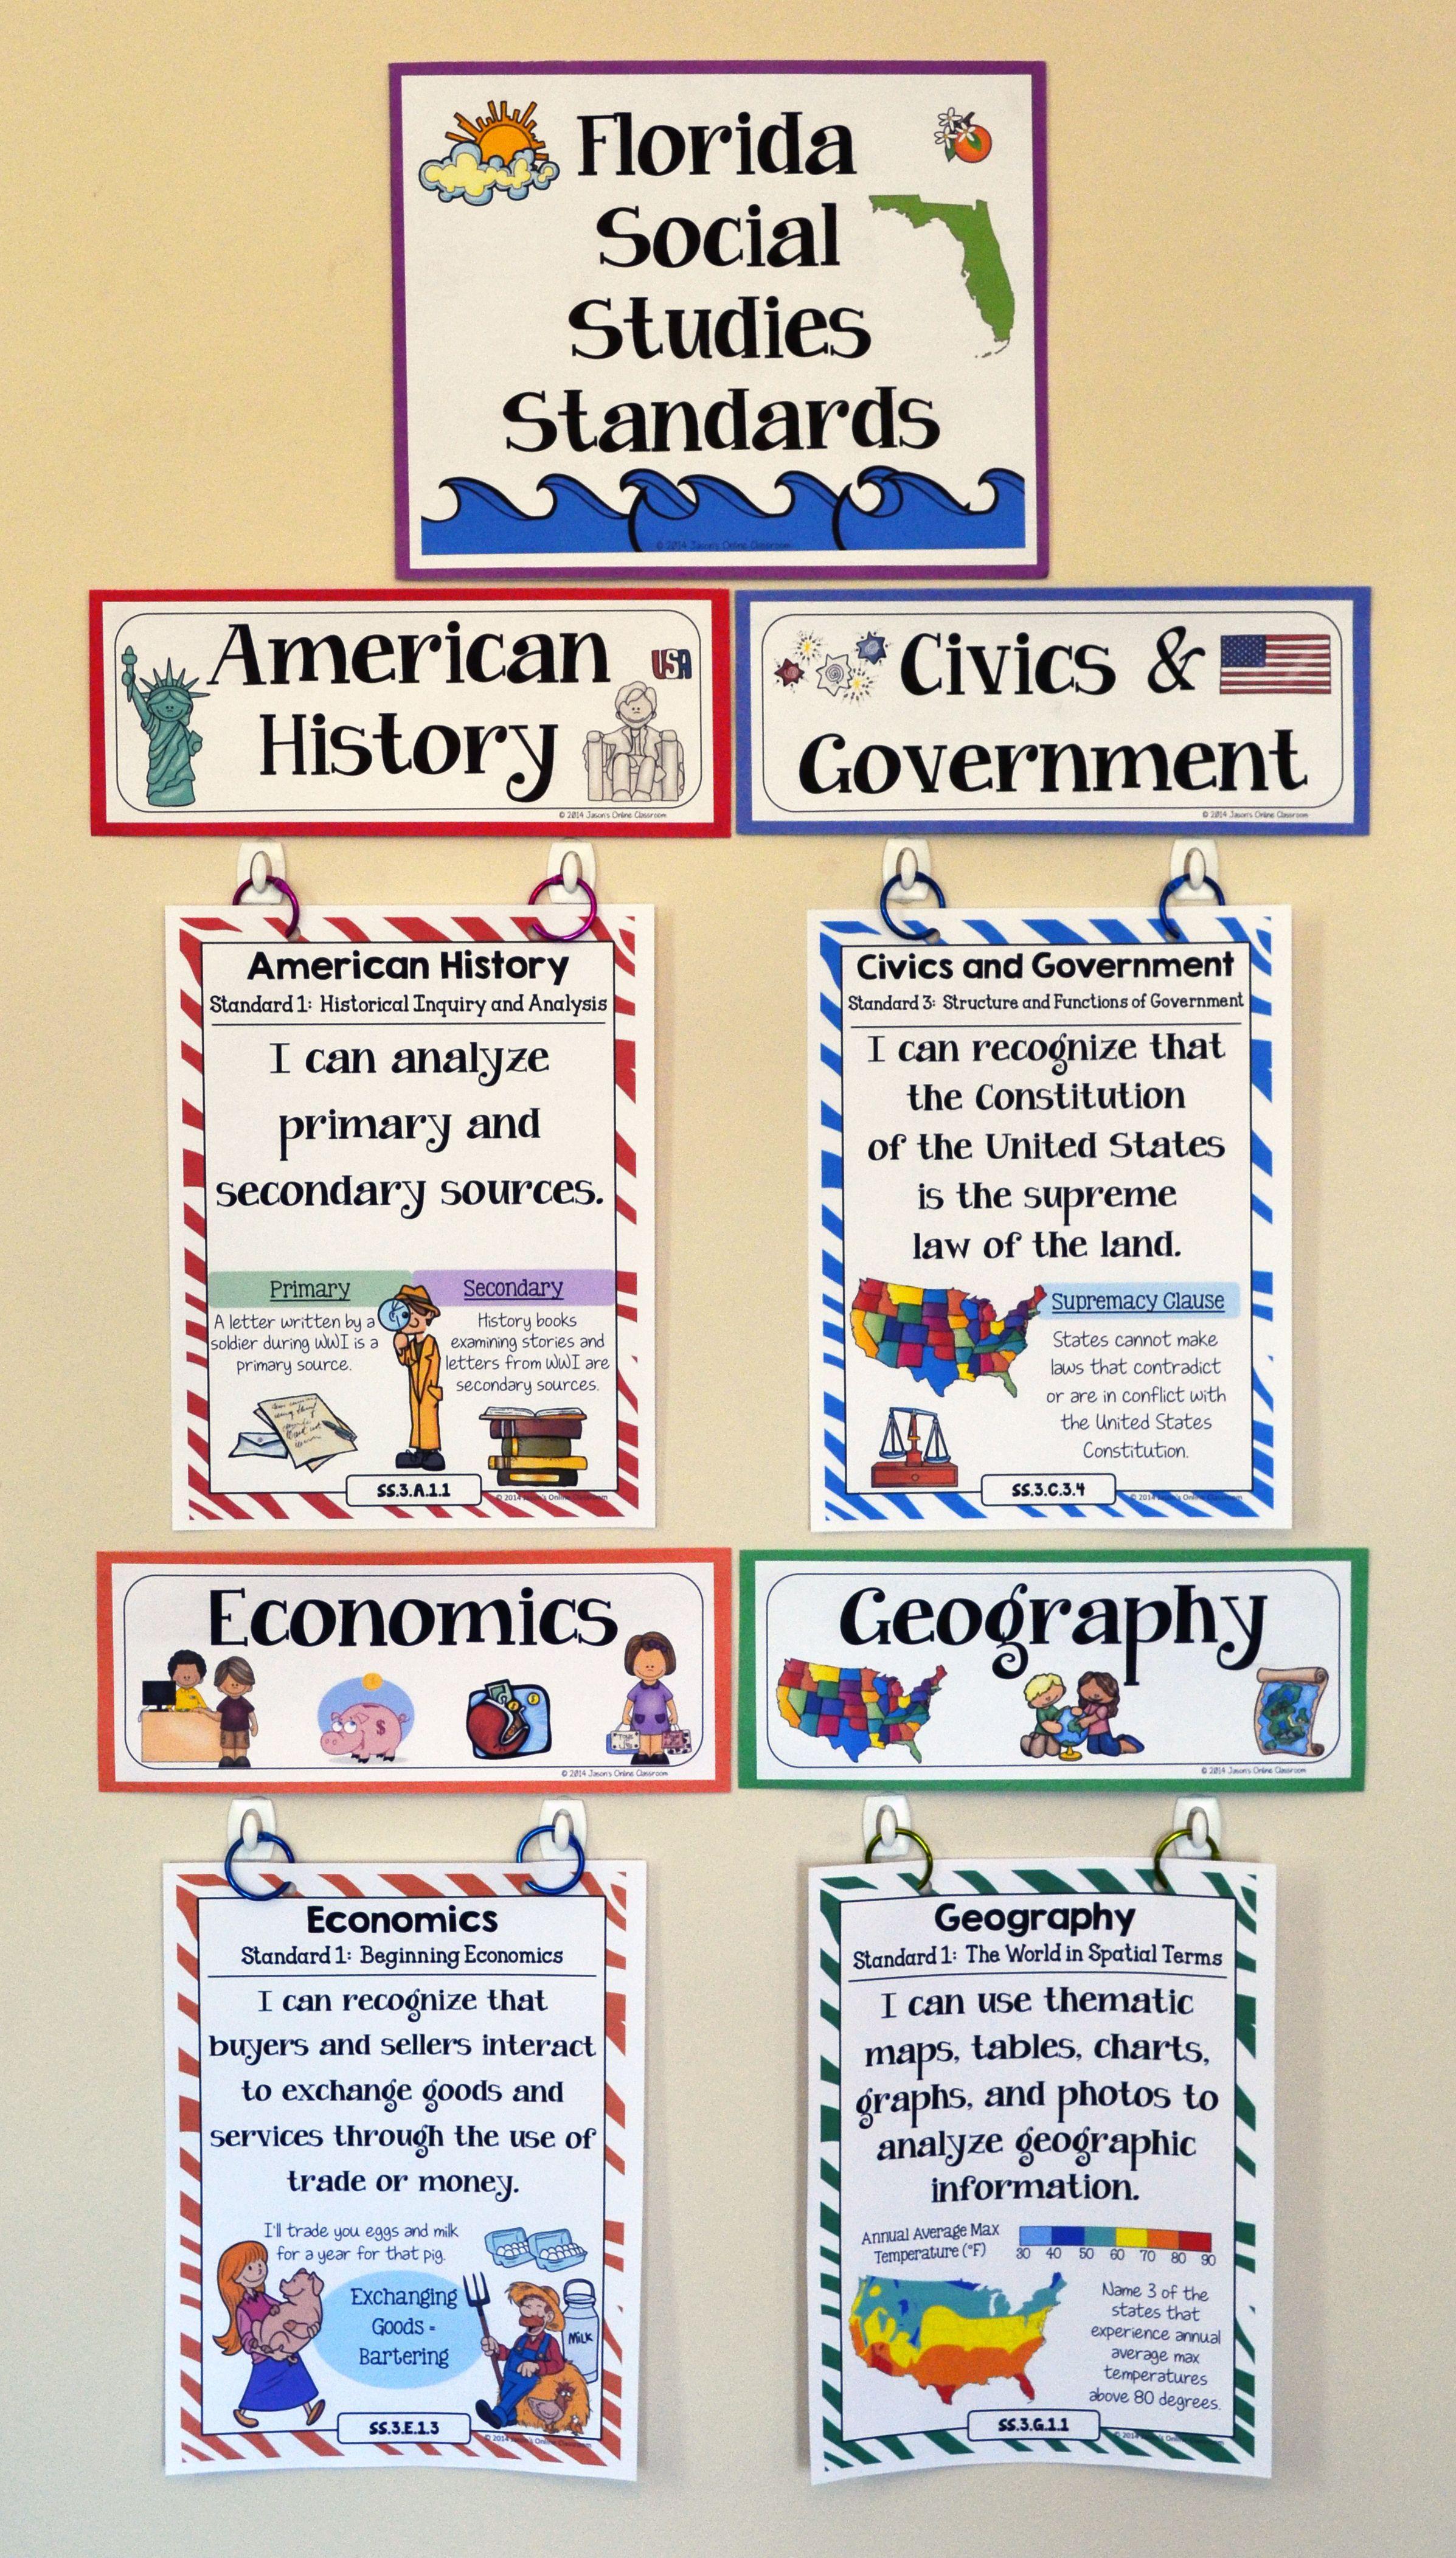 medium resolution of Florida Social Studies Standards - 3rd Grade   Social studies